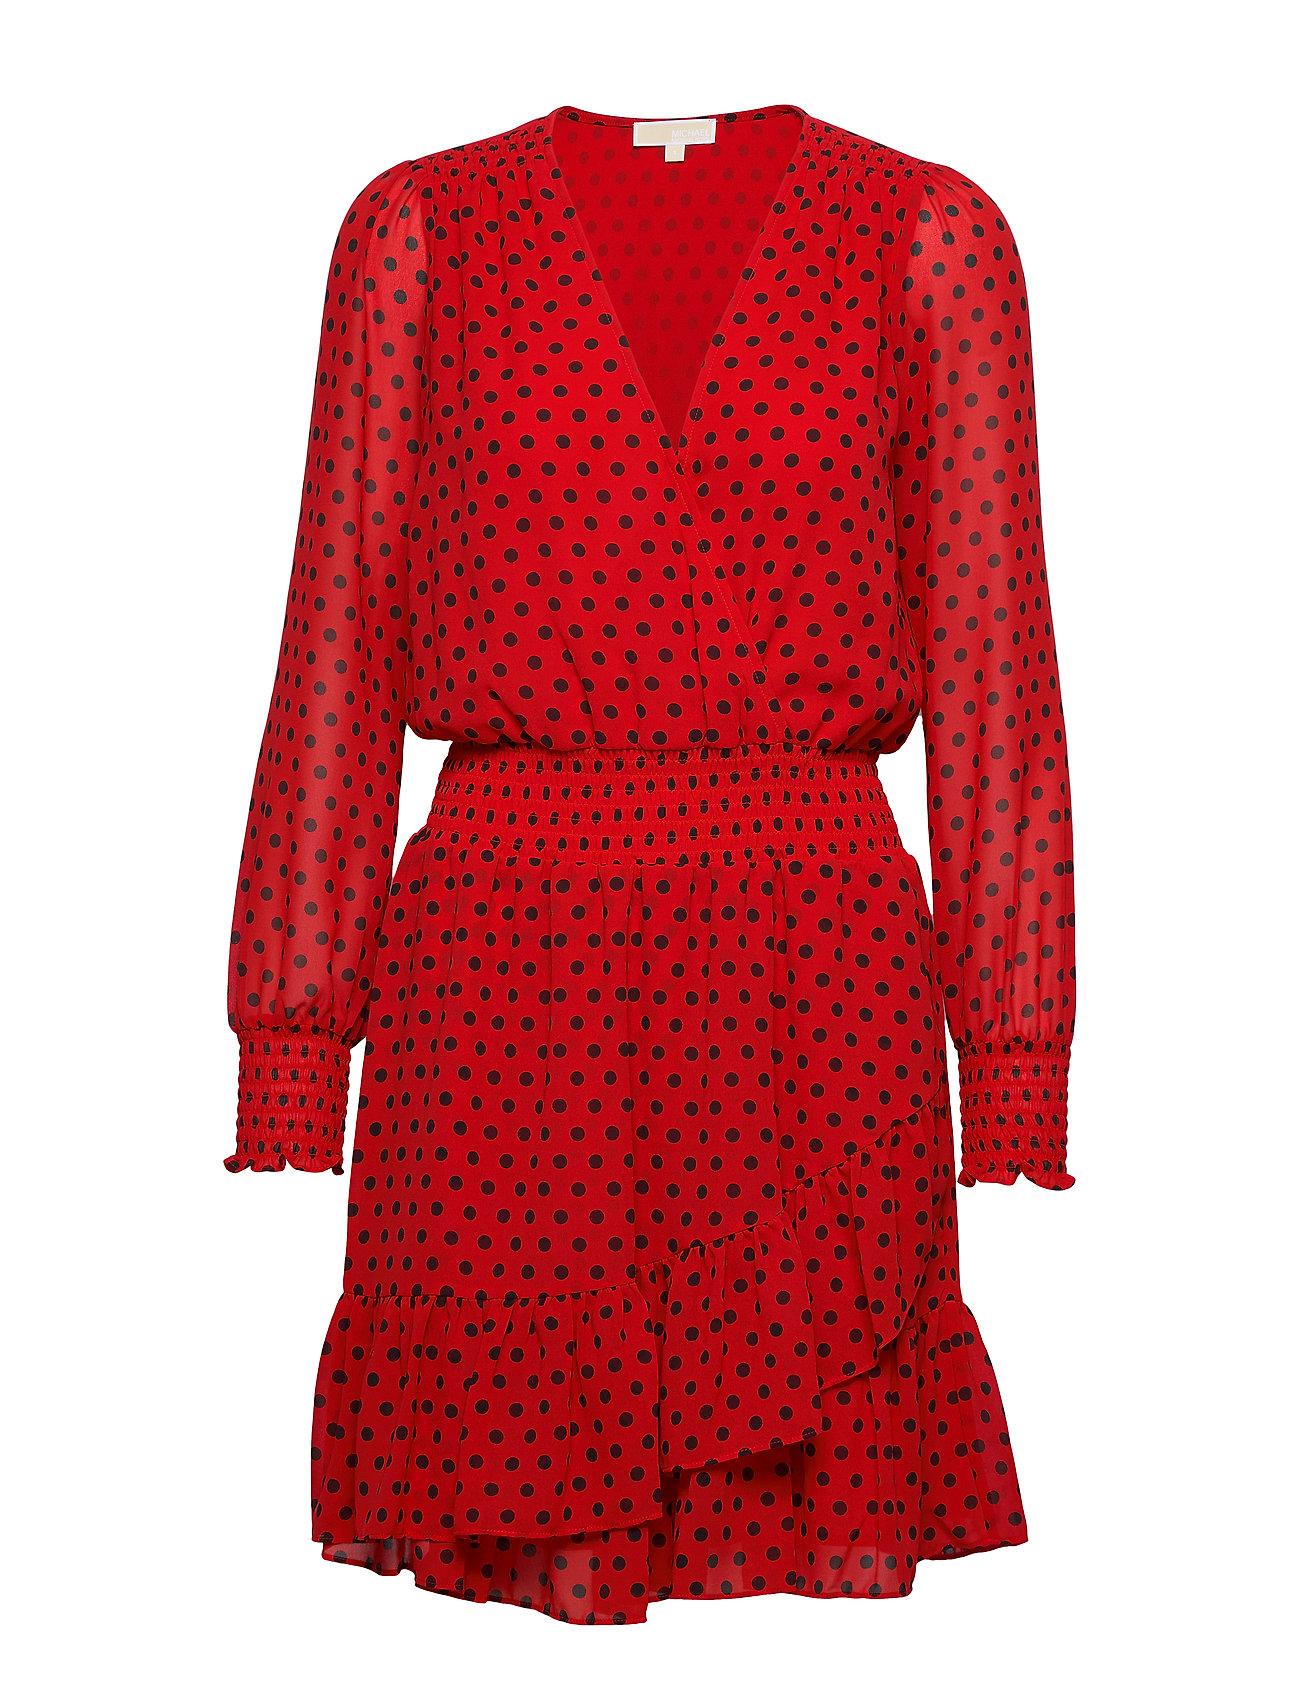 Michael Kors MOD DOT RFL DRESS - SCARLET/BLCK